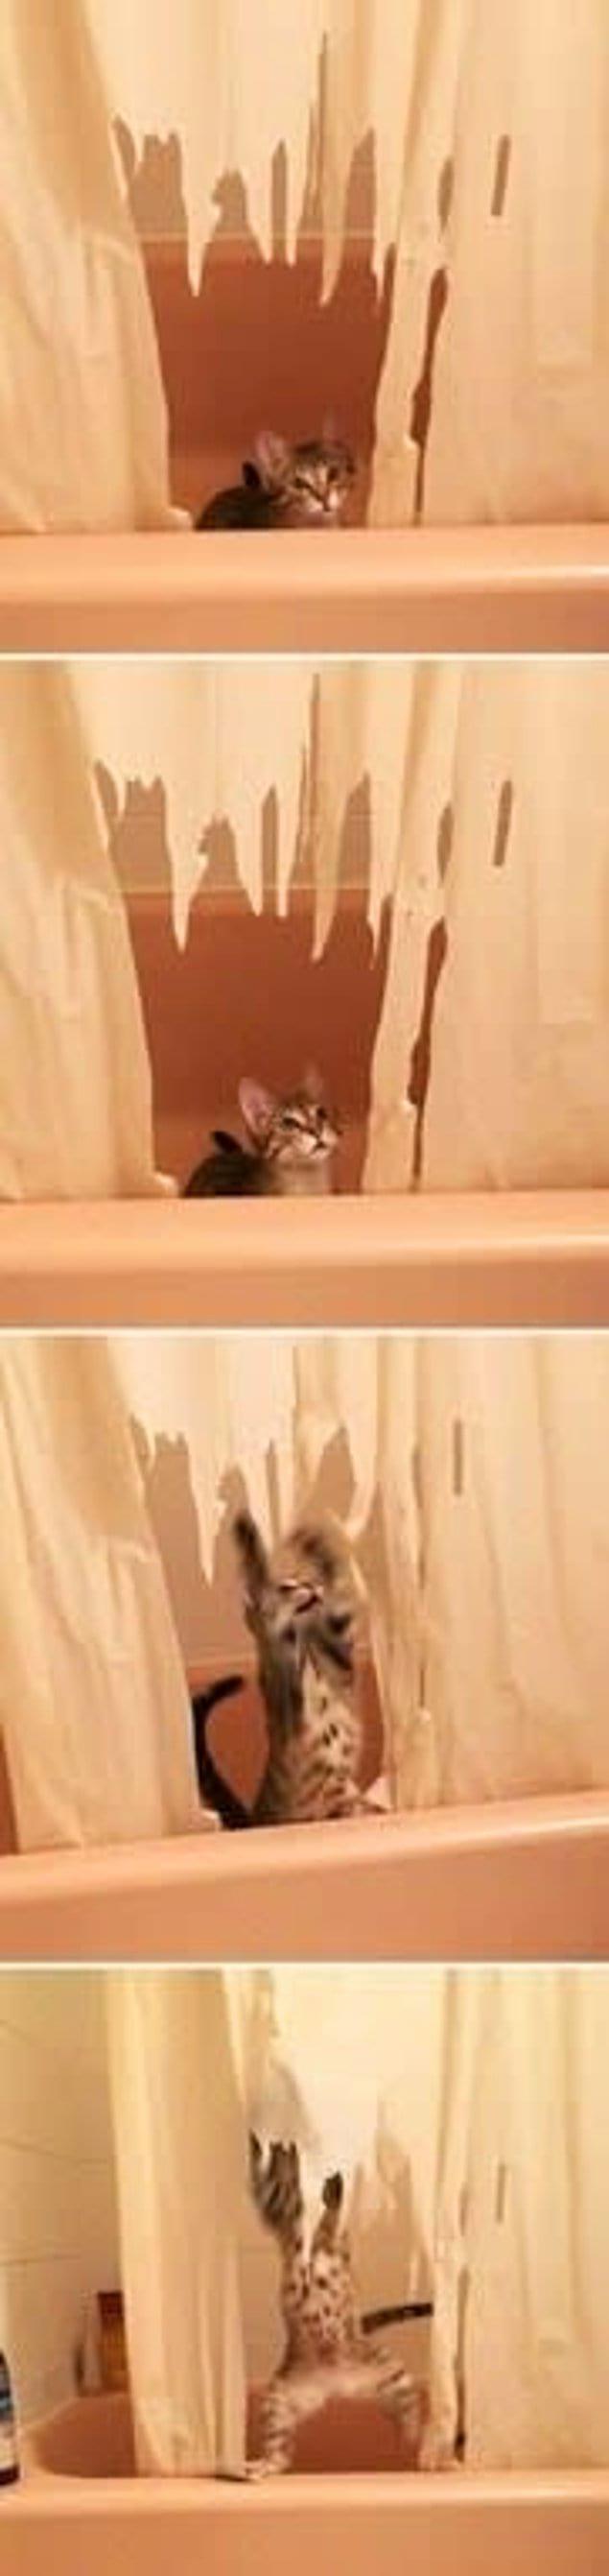 Котенок, работающий по принципу шредера для занавесок в ванной: